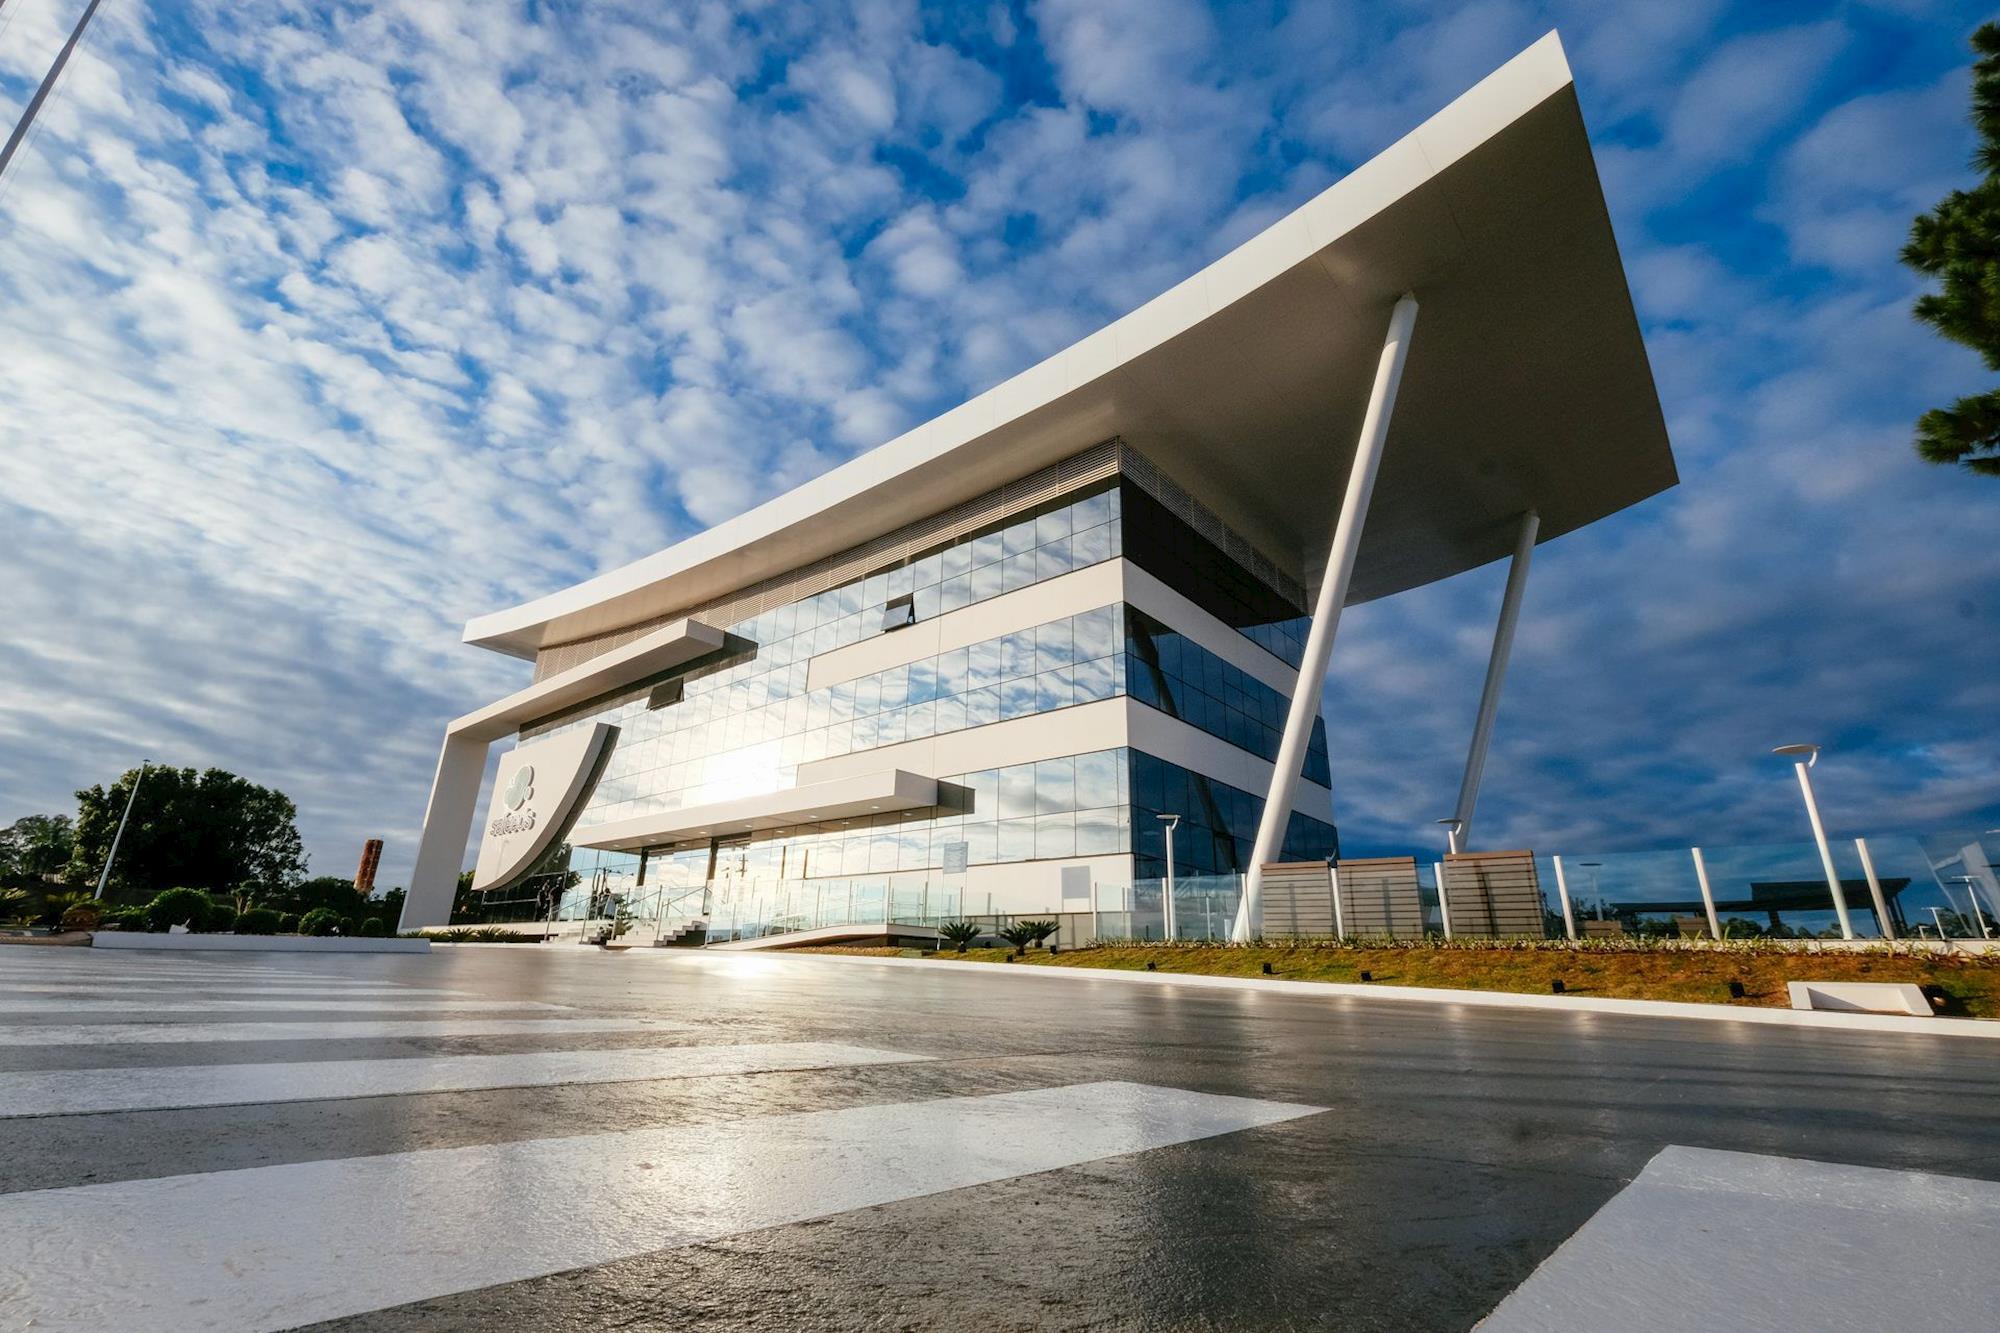 Safeeds Inaugura novo complexo e abre novo ciclo de investimentos